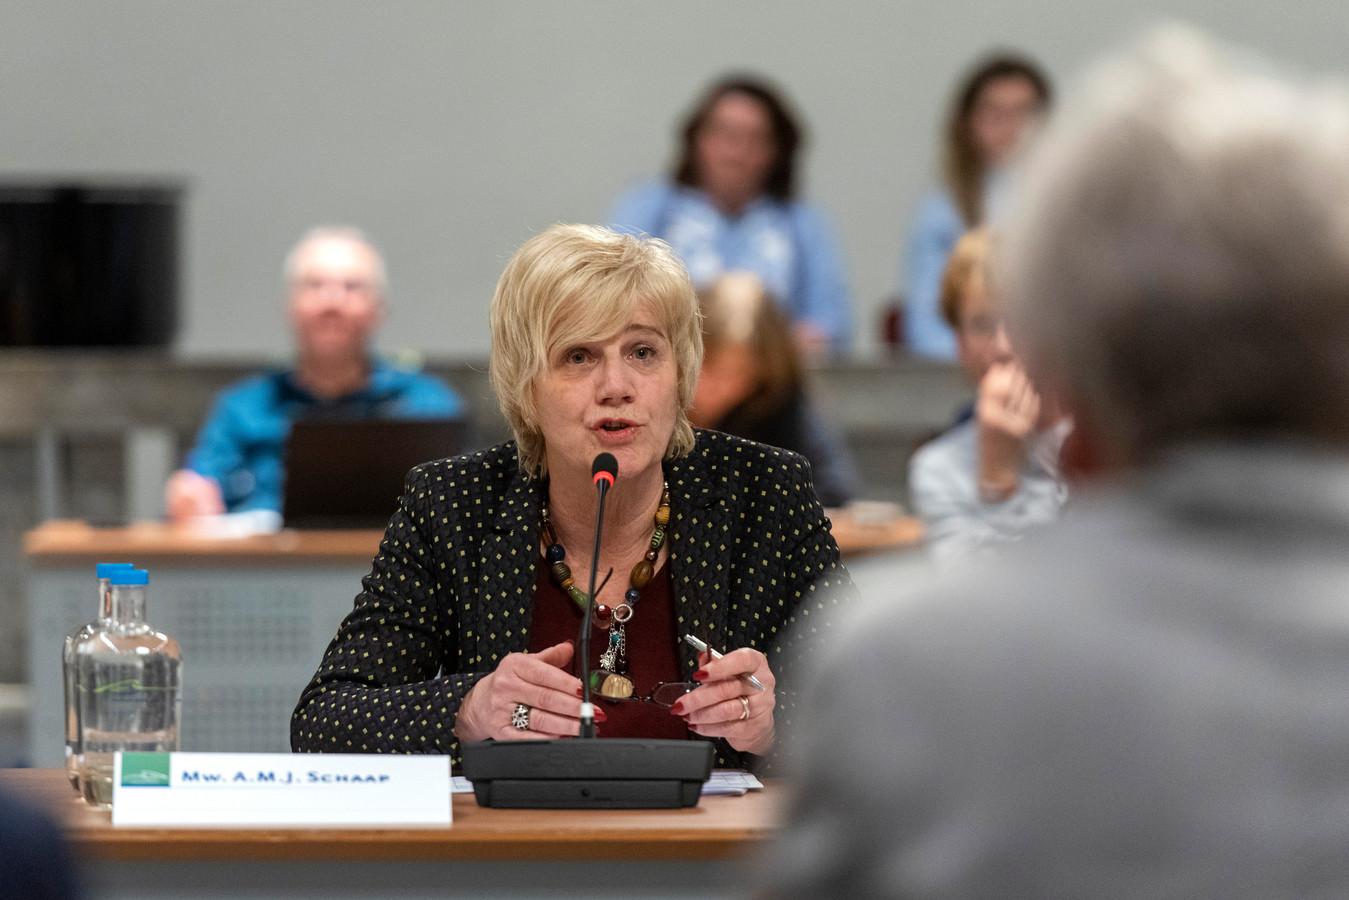 Burgemeester Agnes Schaap tijdens het verhoor door de Horsa-commissie eerder dit jaar. Foto: Gerard Burgers